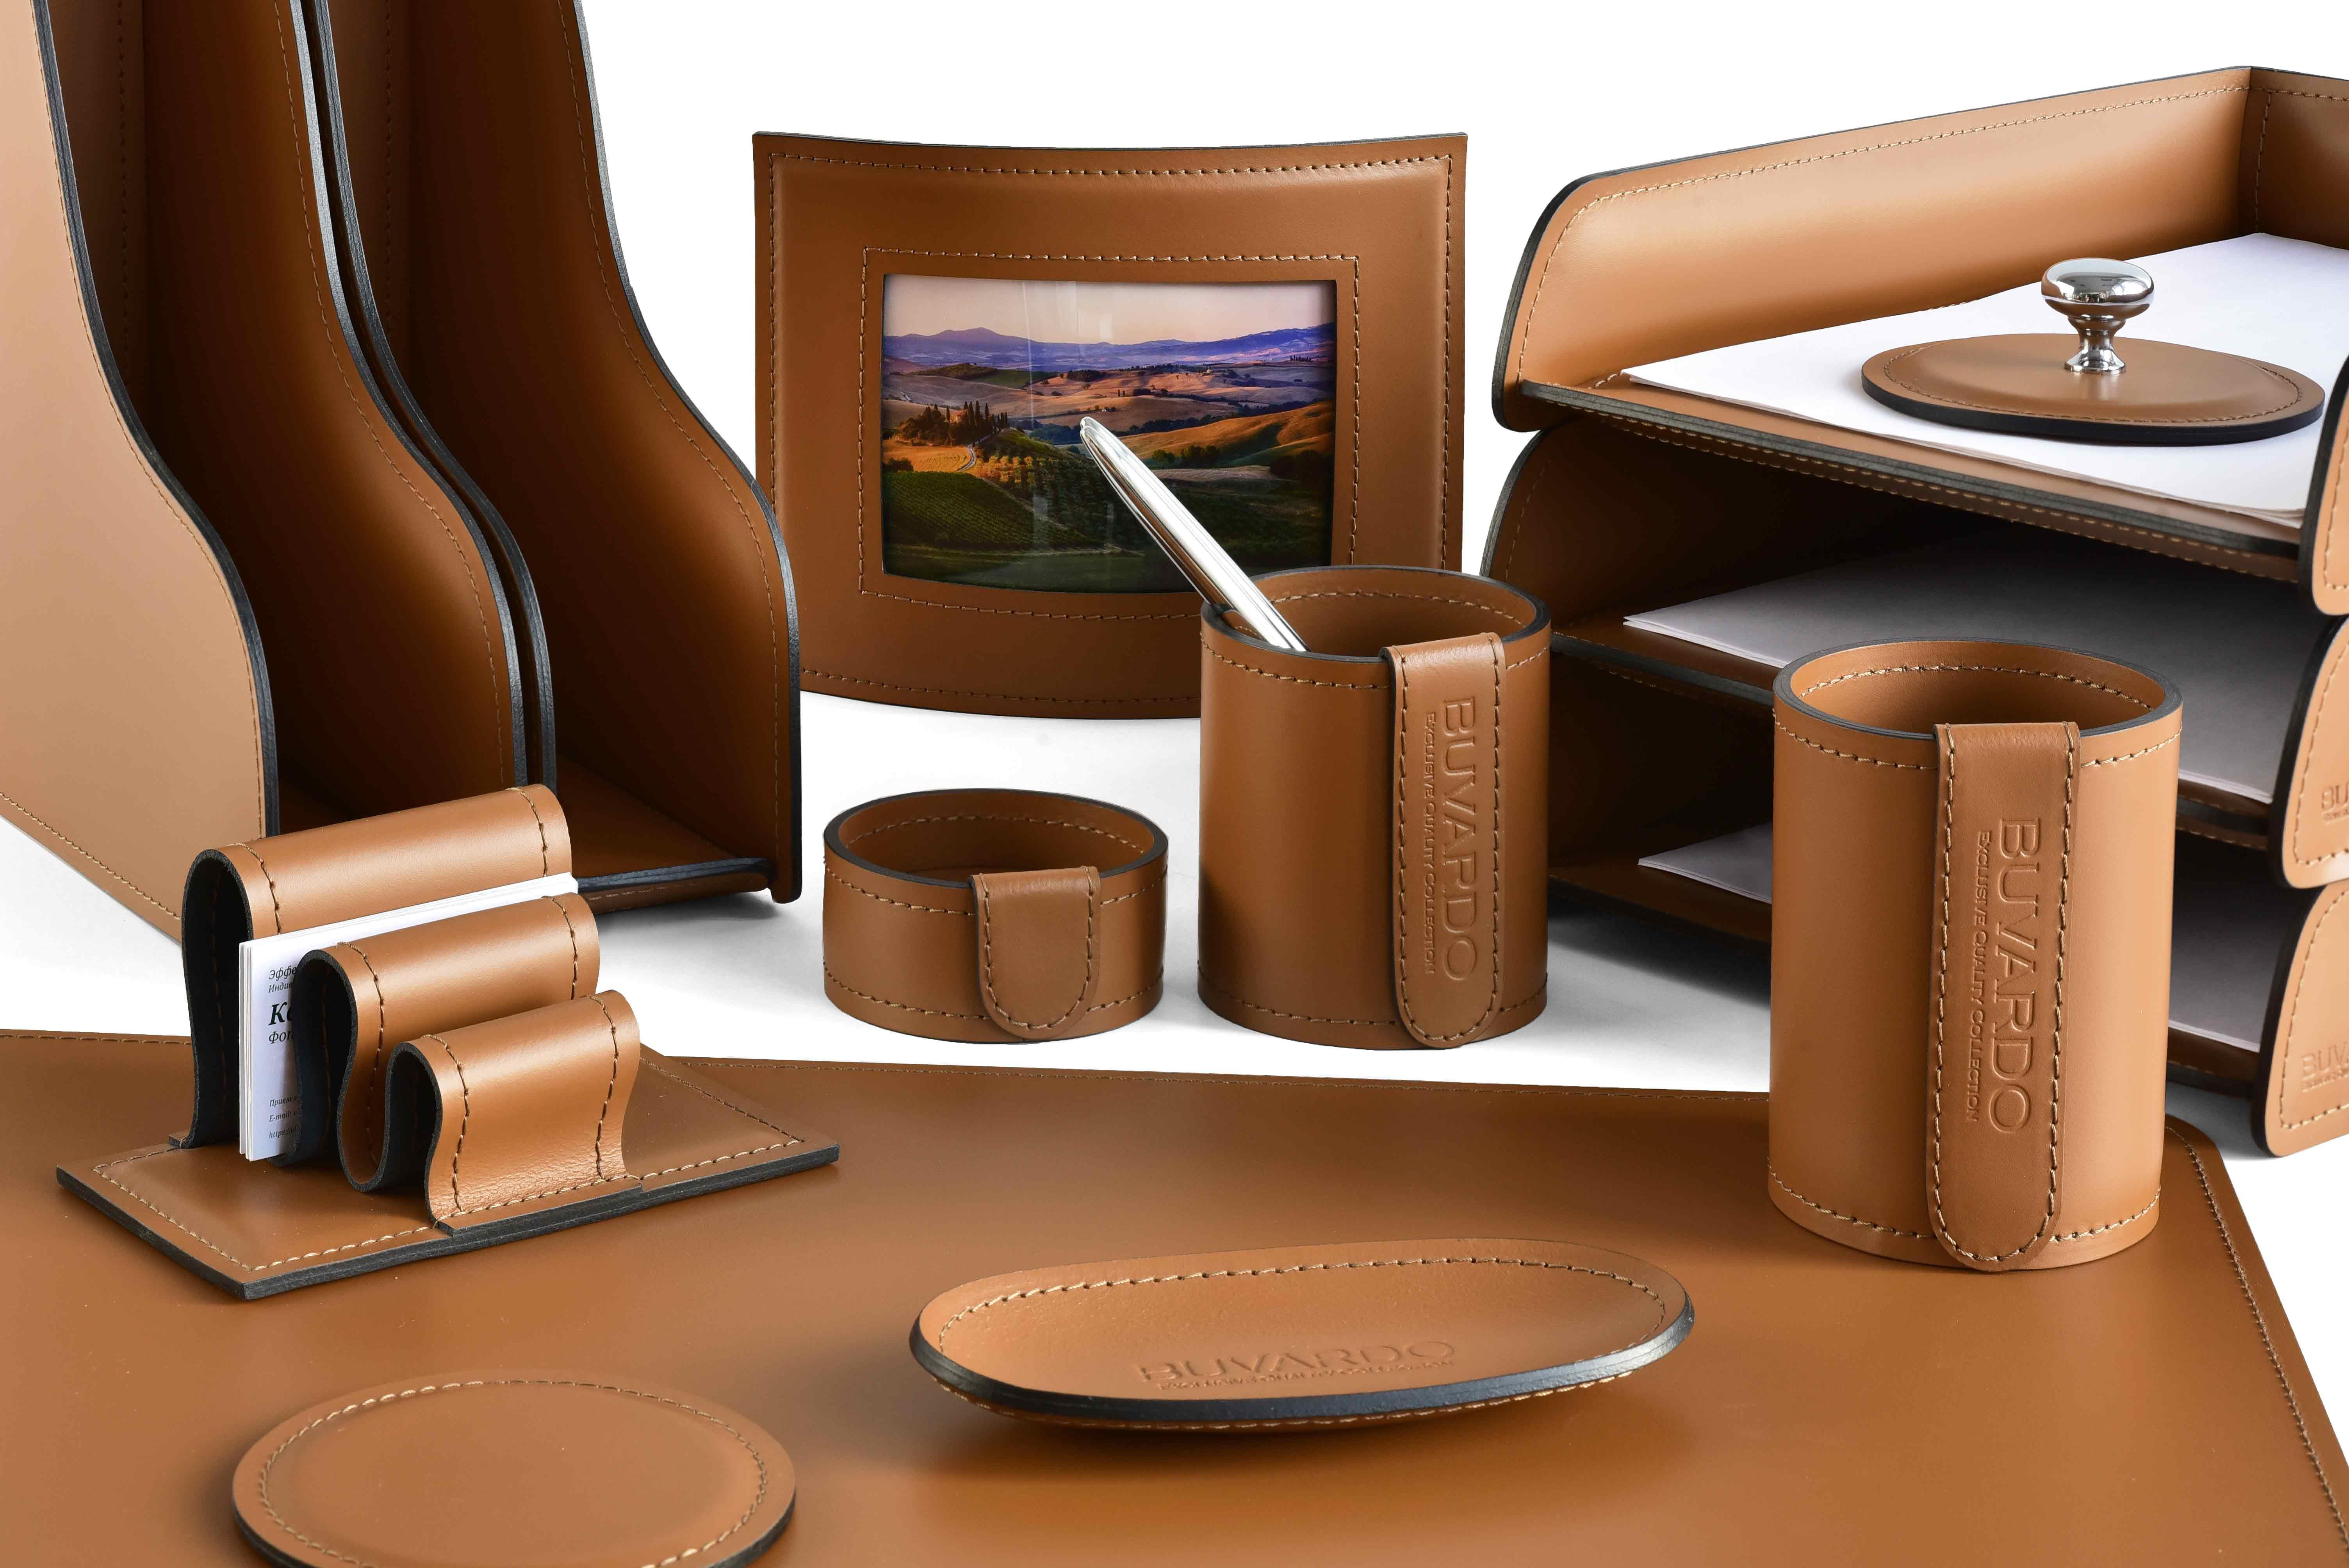 Набор на письменный стол руководителя из из кожи Сuoietto, цвет табак